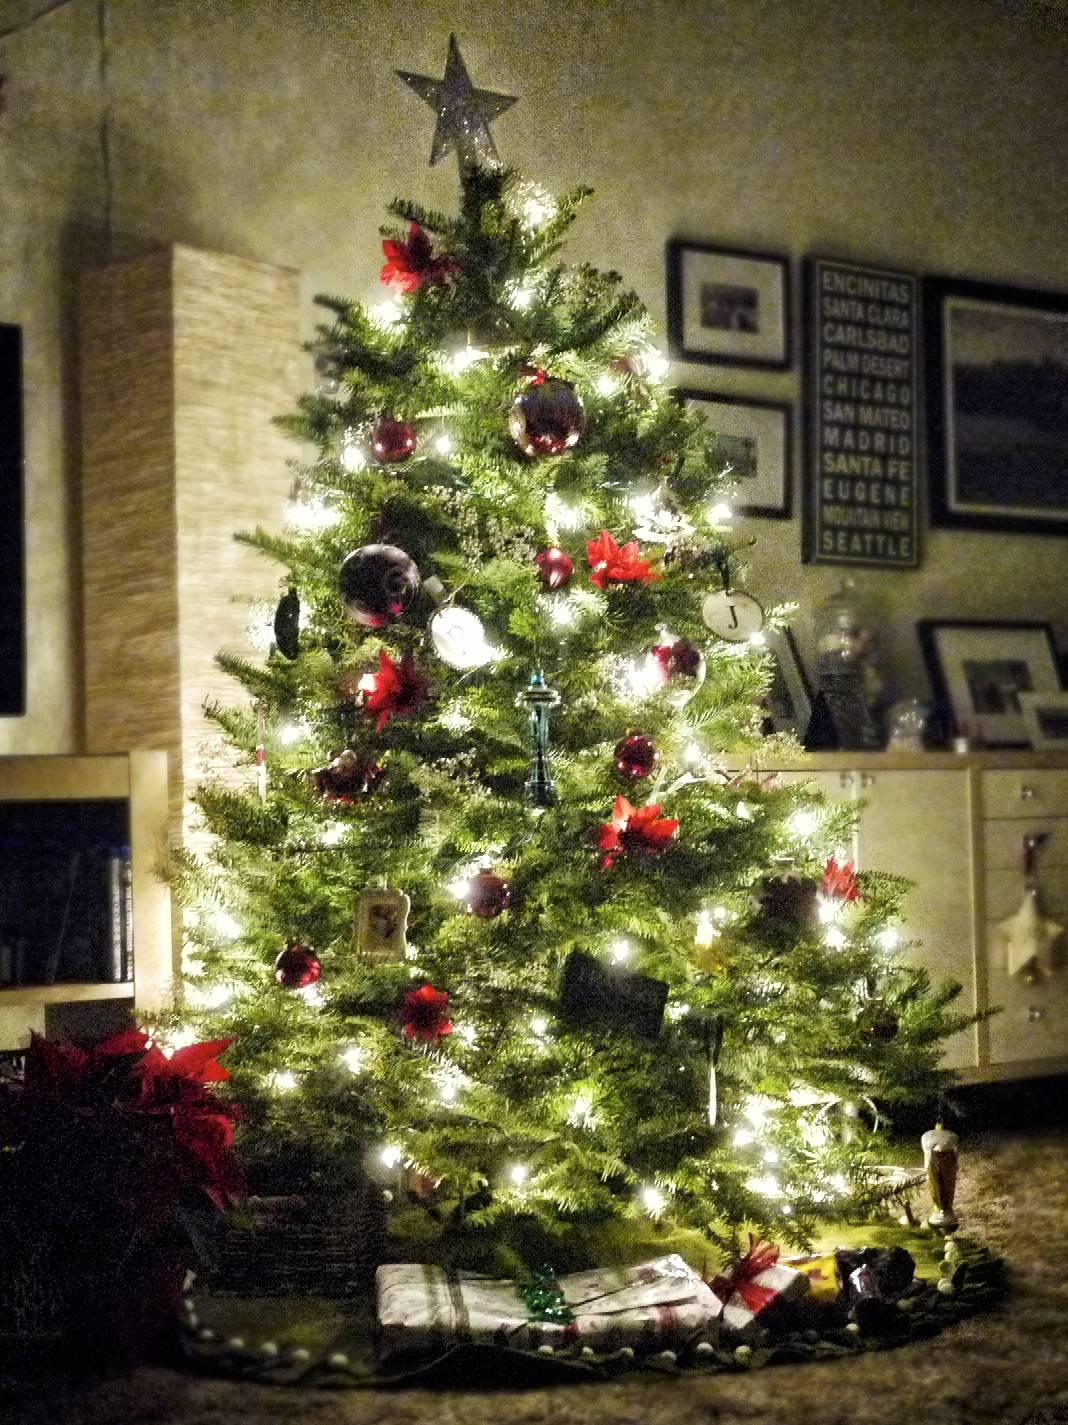 2014 Christmas Tree.jpg